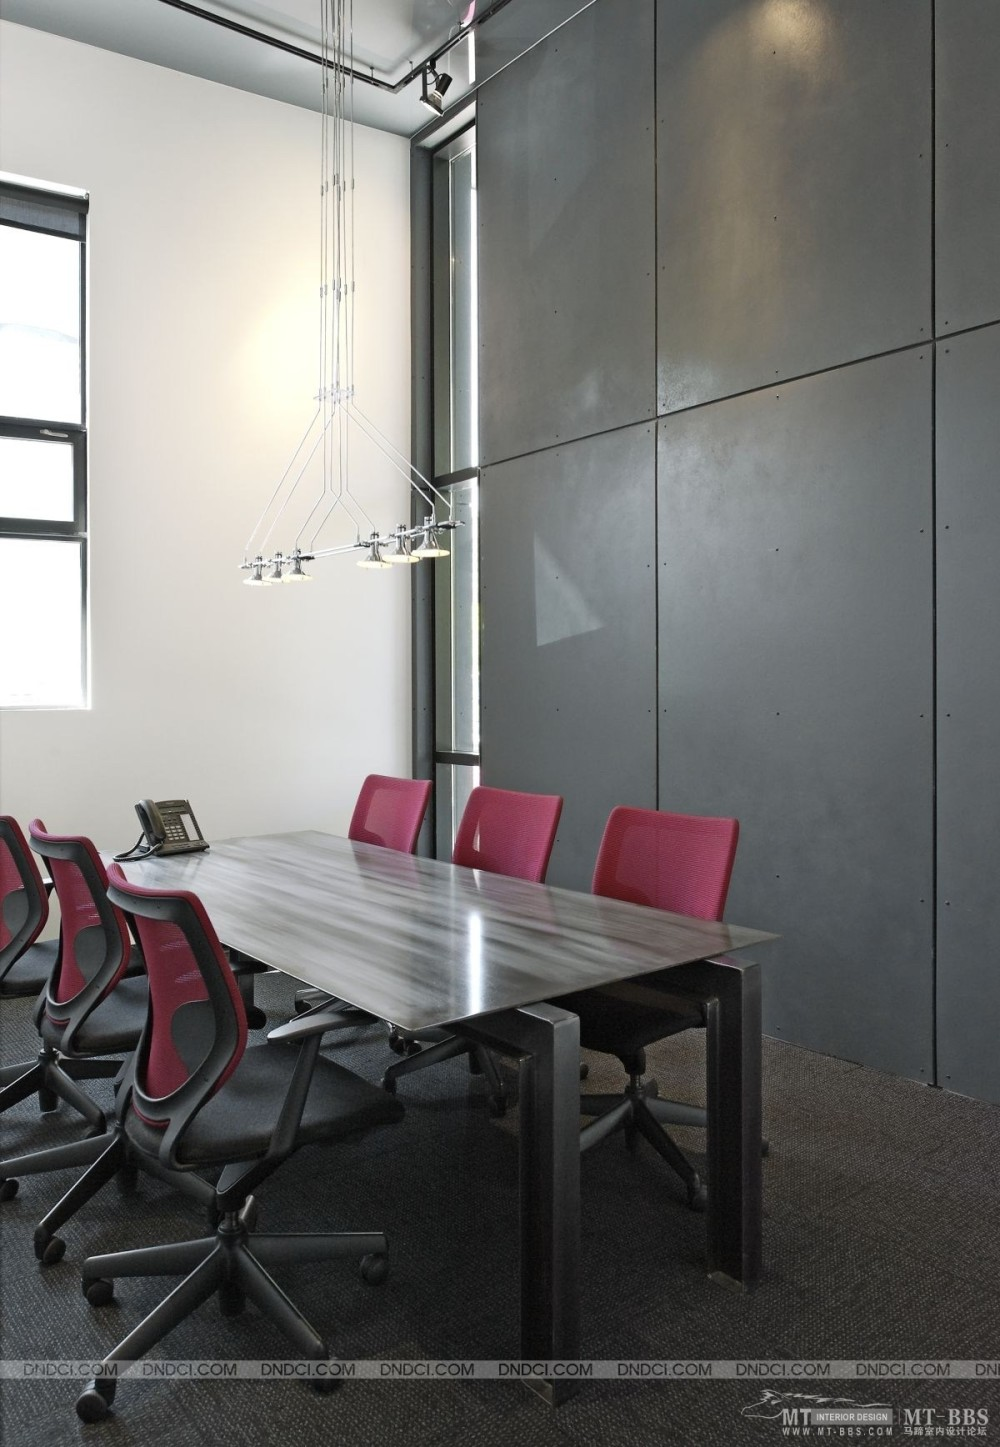 加拿大LEMAYMICHAUD设计公司的办公室_MD5568cfd17db4f02a3.jpg